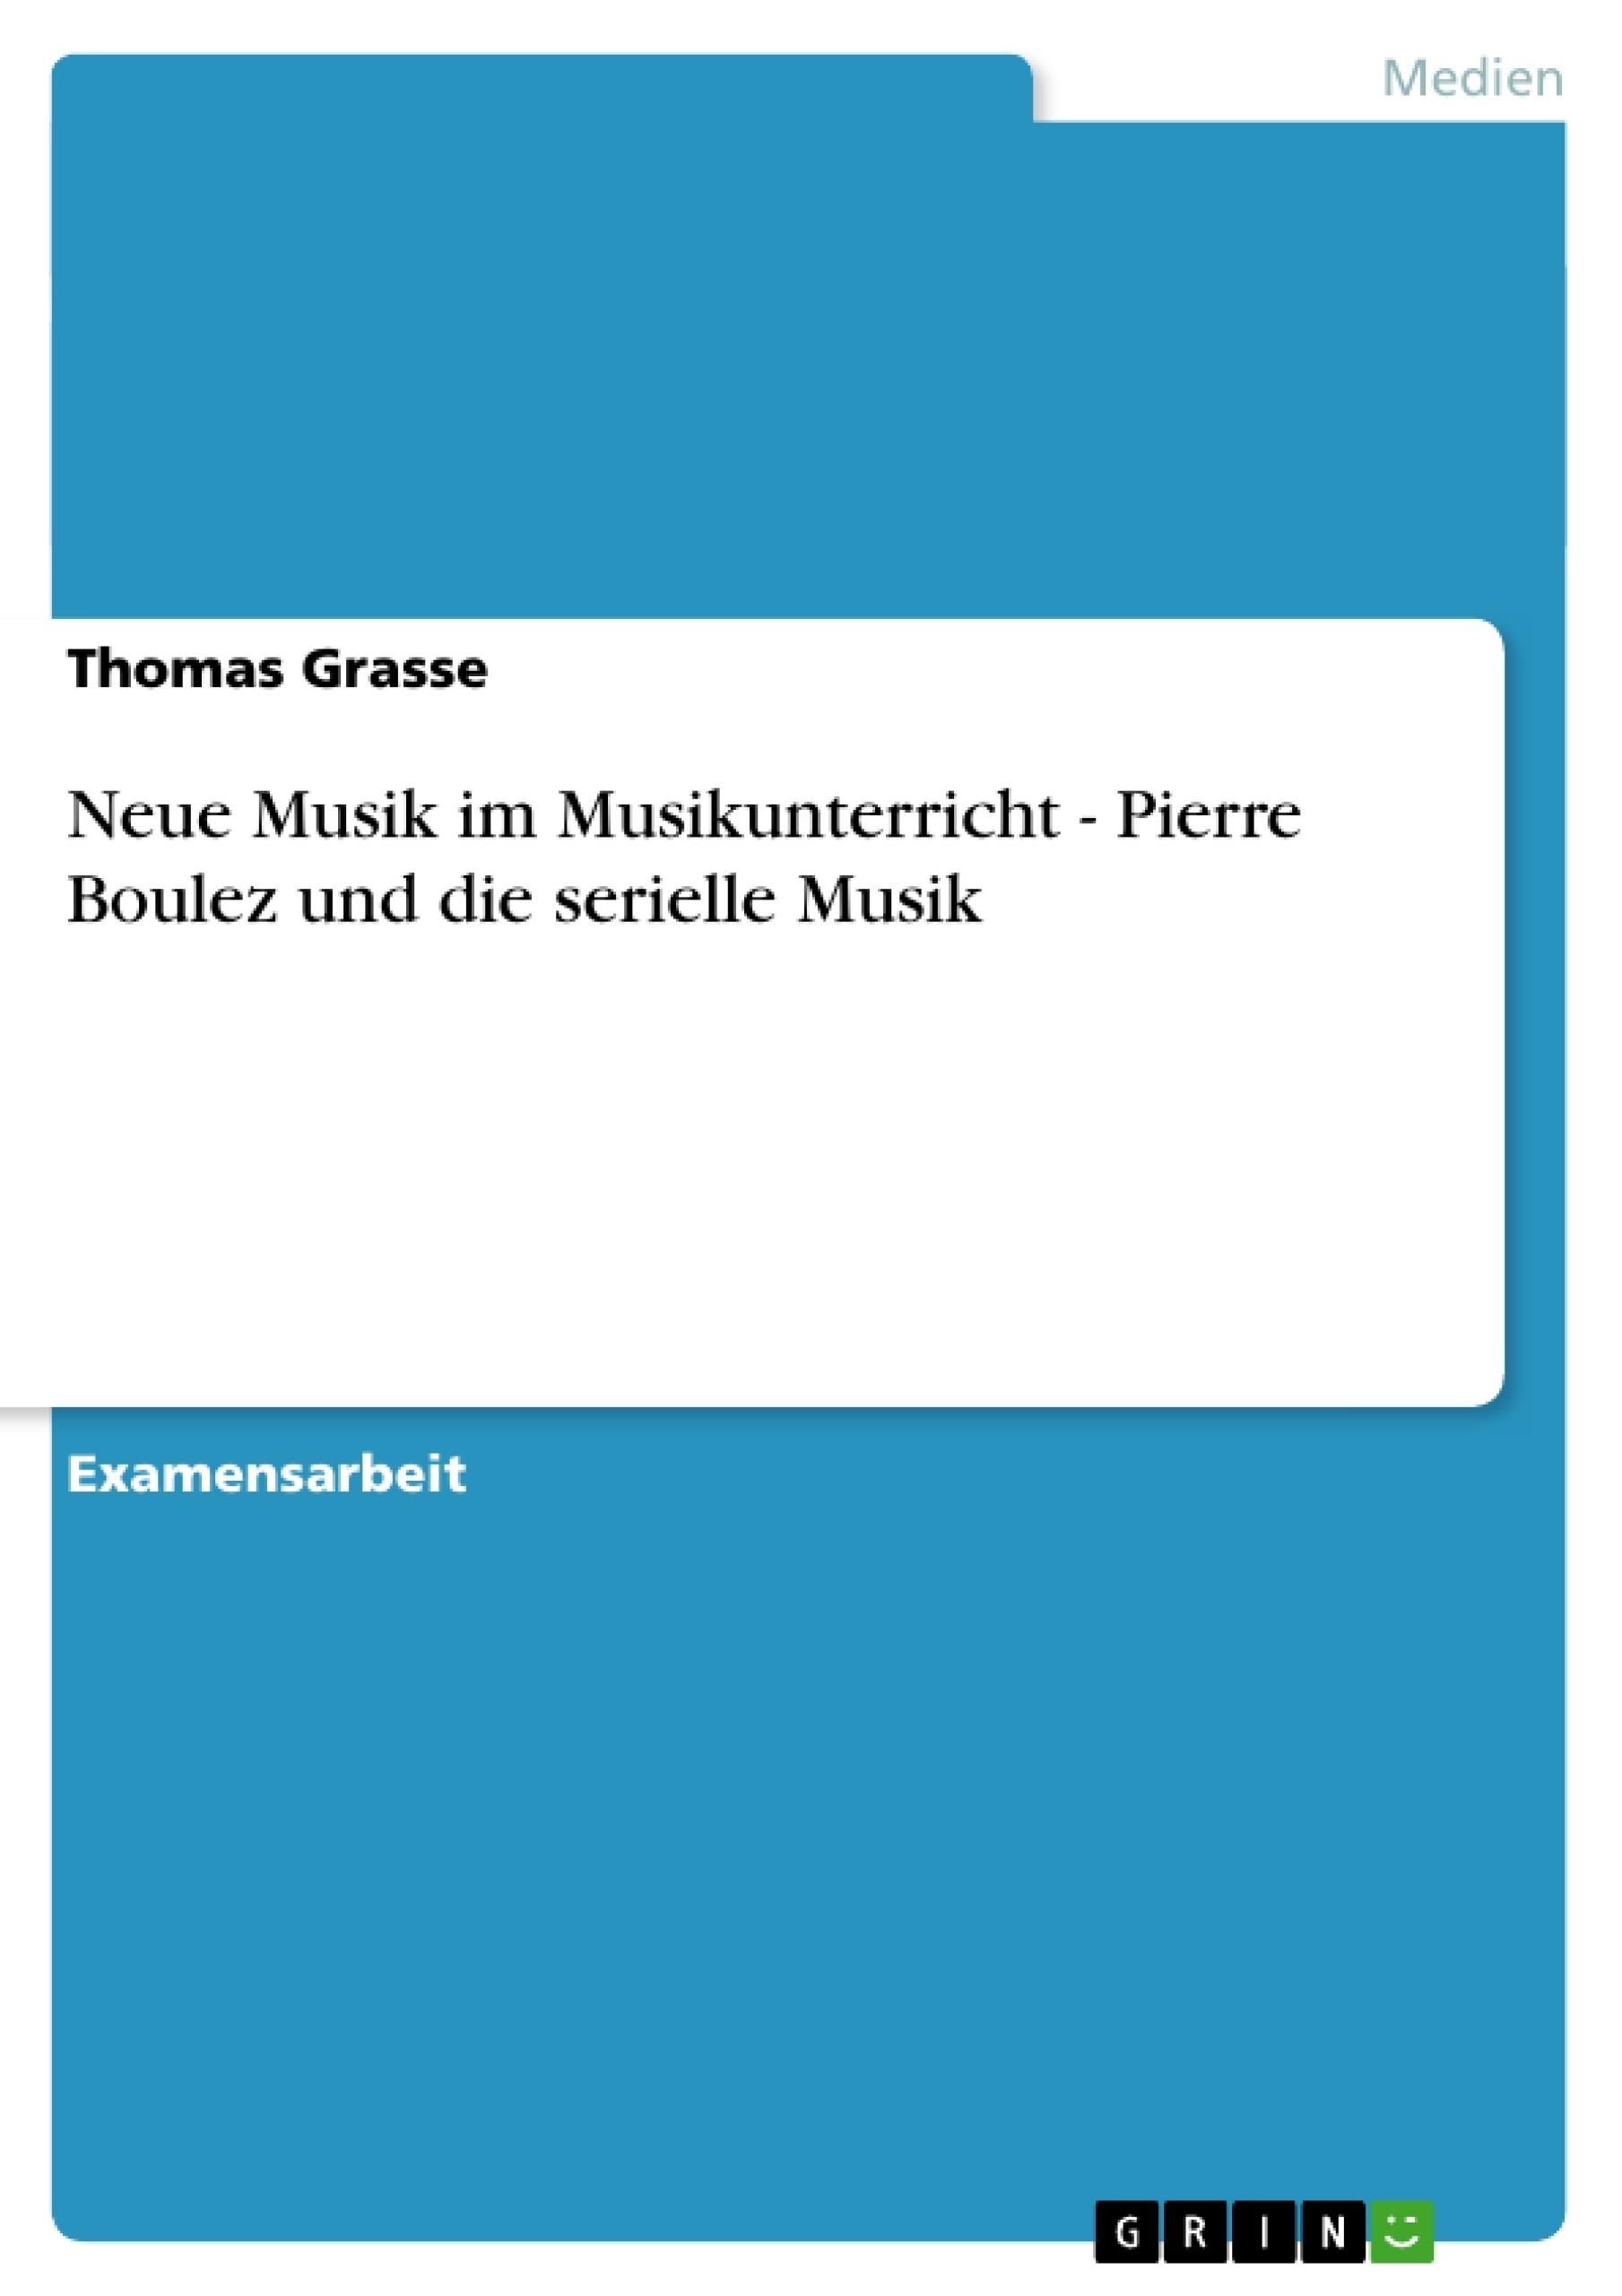 Titel: Neue Musik im Musikunterricht - Pierre Boulez und die serielle Musik